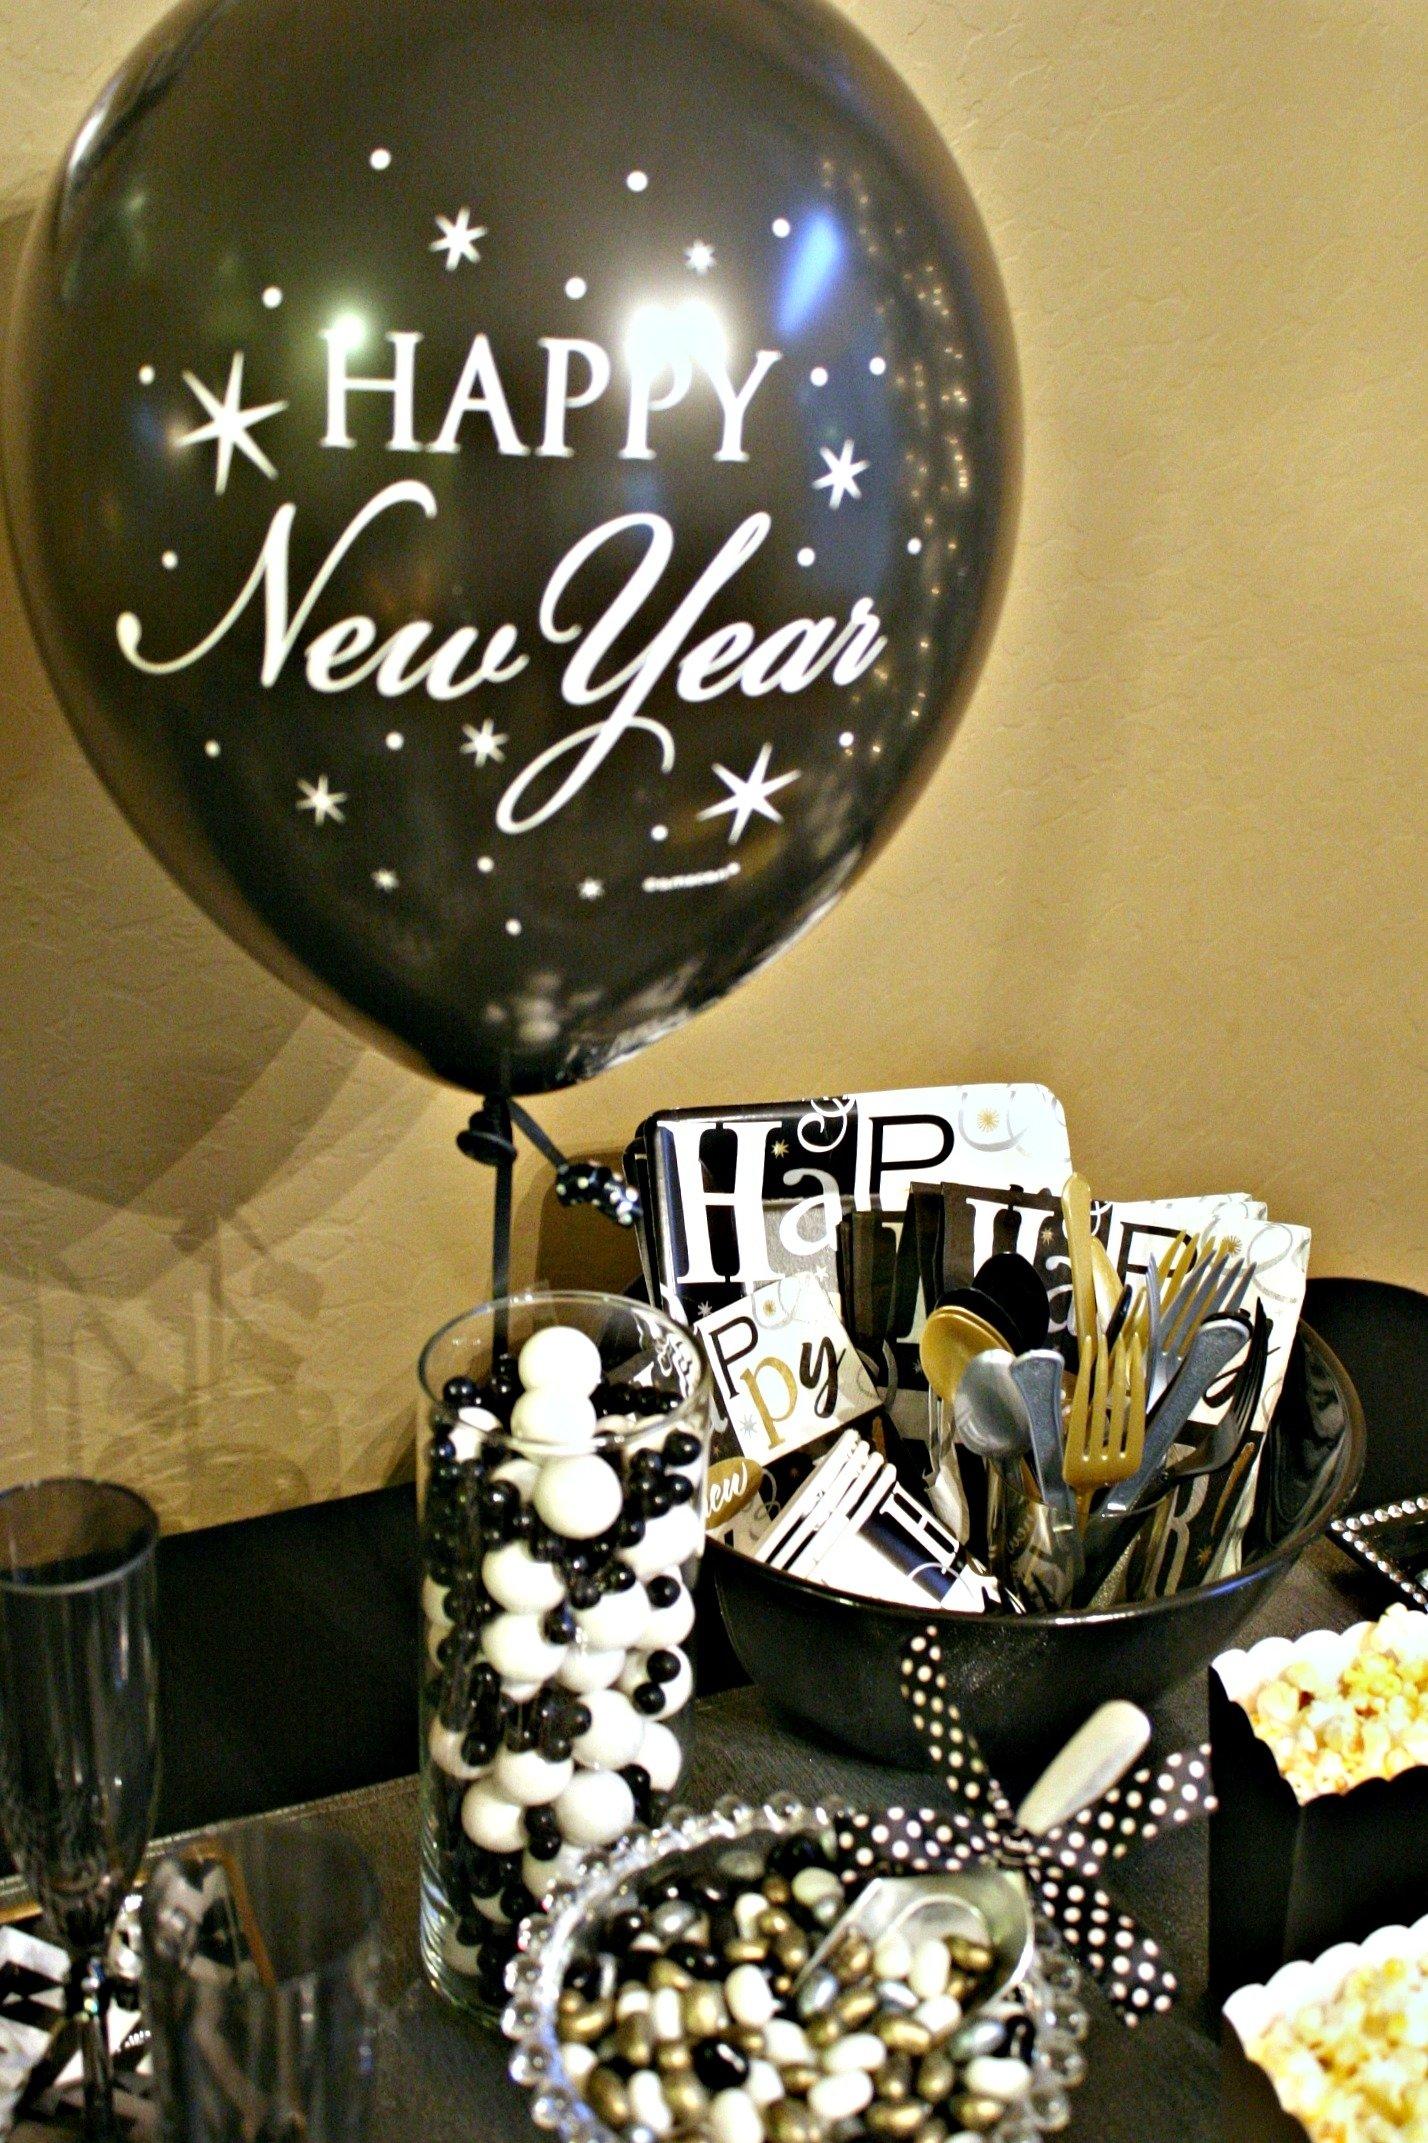 10 Lovable Last Minute New Years Eve Ideas last minute new years eve party ideas a to zebra celebrations 5 2020